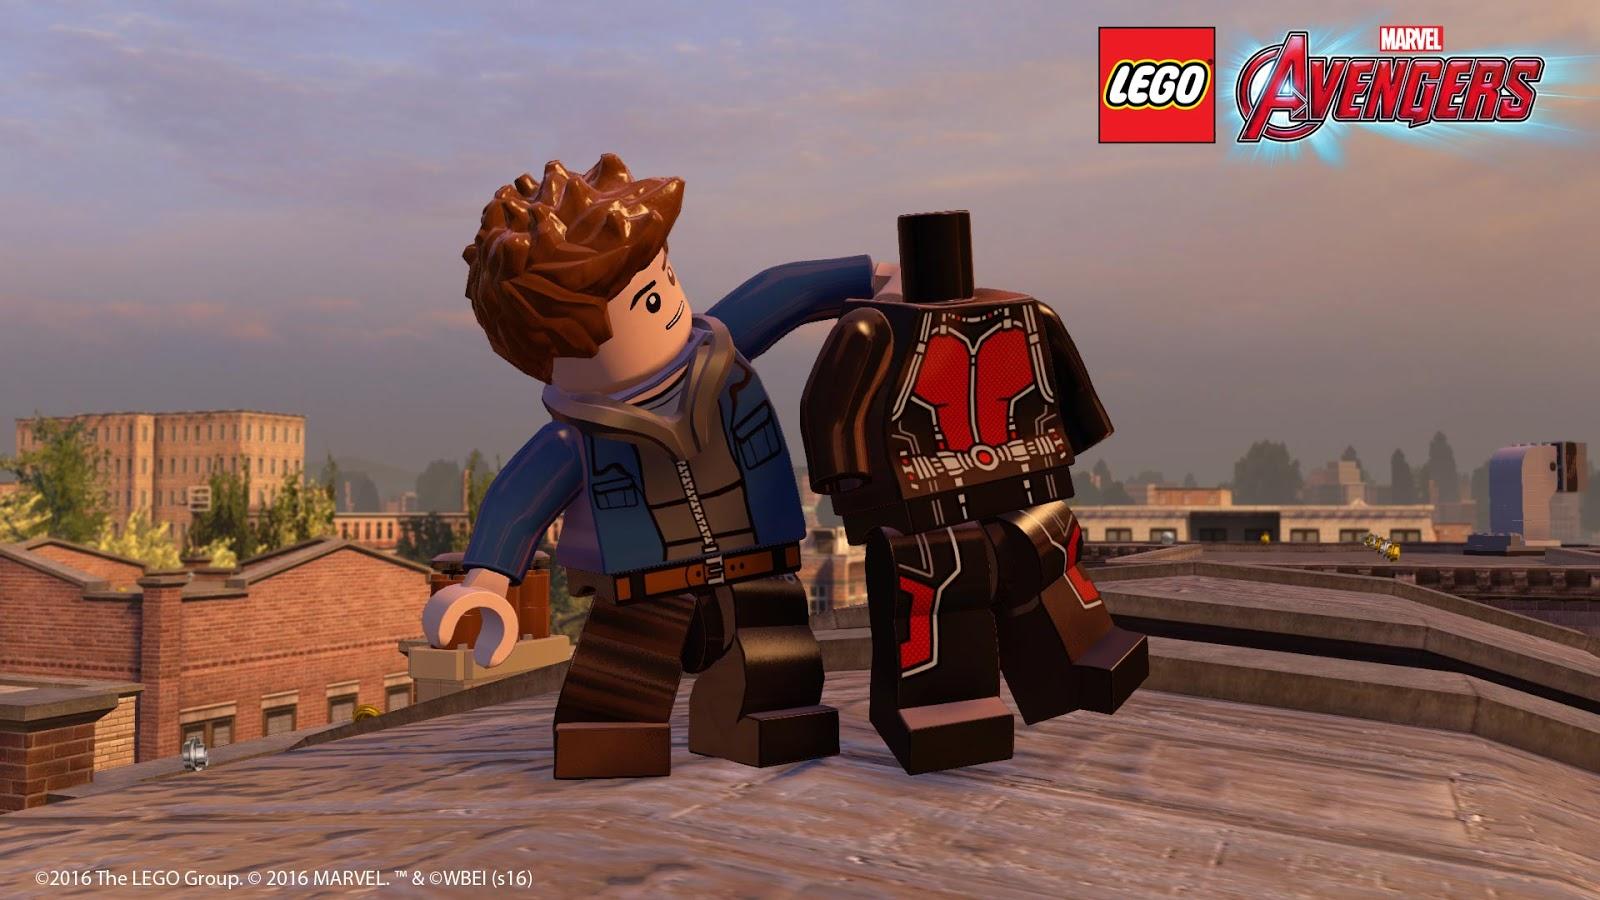 DLC gratuita 'Ant-Man' é lançada para LEGO Marvel Avengers ...